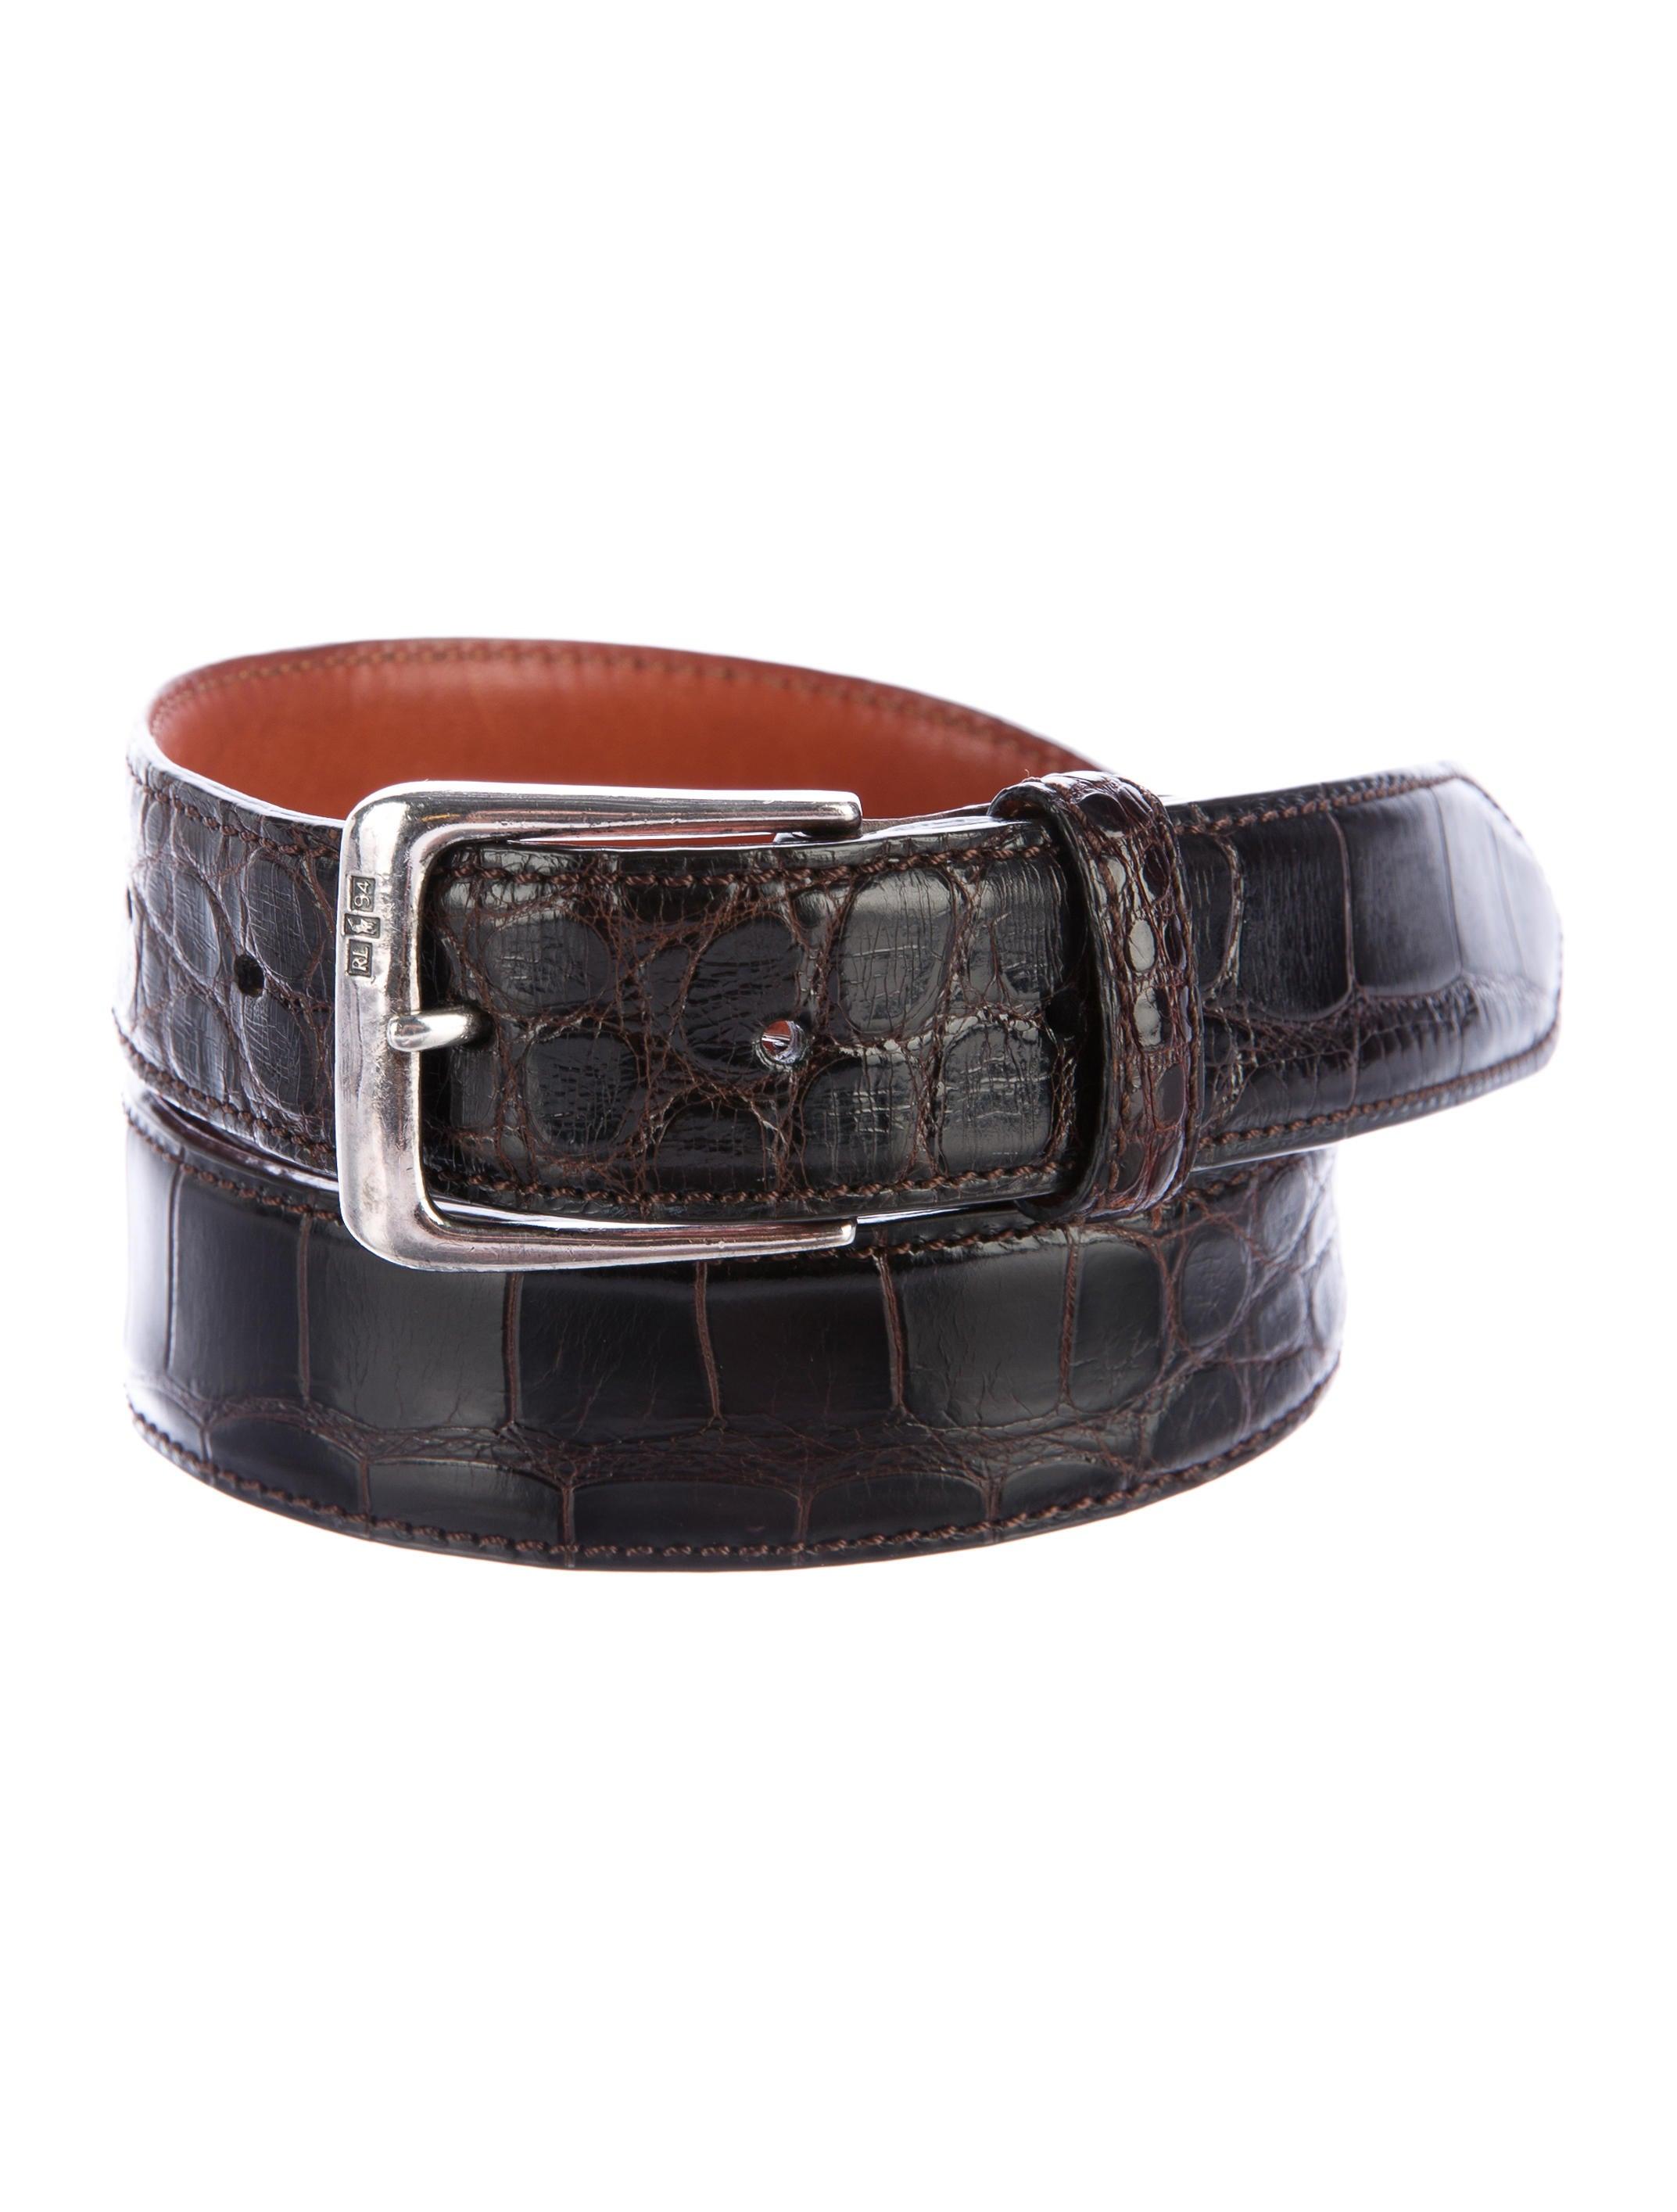 polo ralph lauren sterling alligator belt accessories. Black Bedroom Furniture Sets. Home Design Ideas